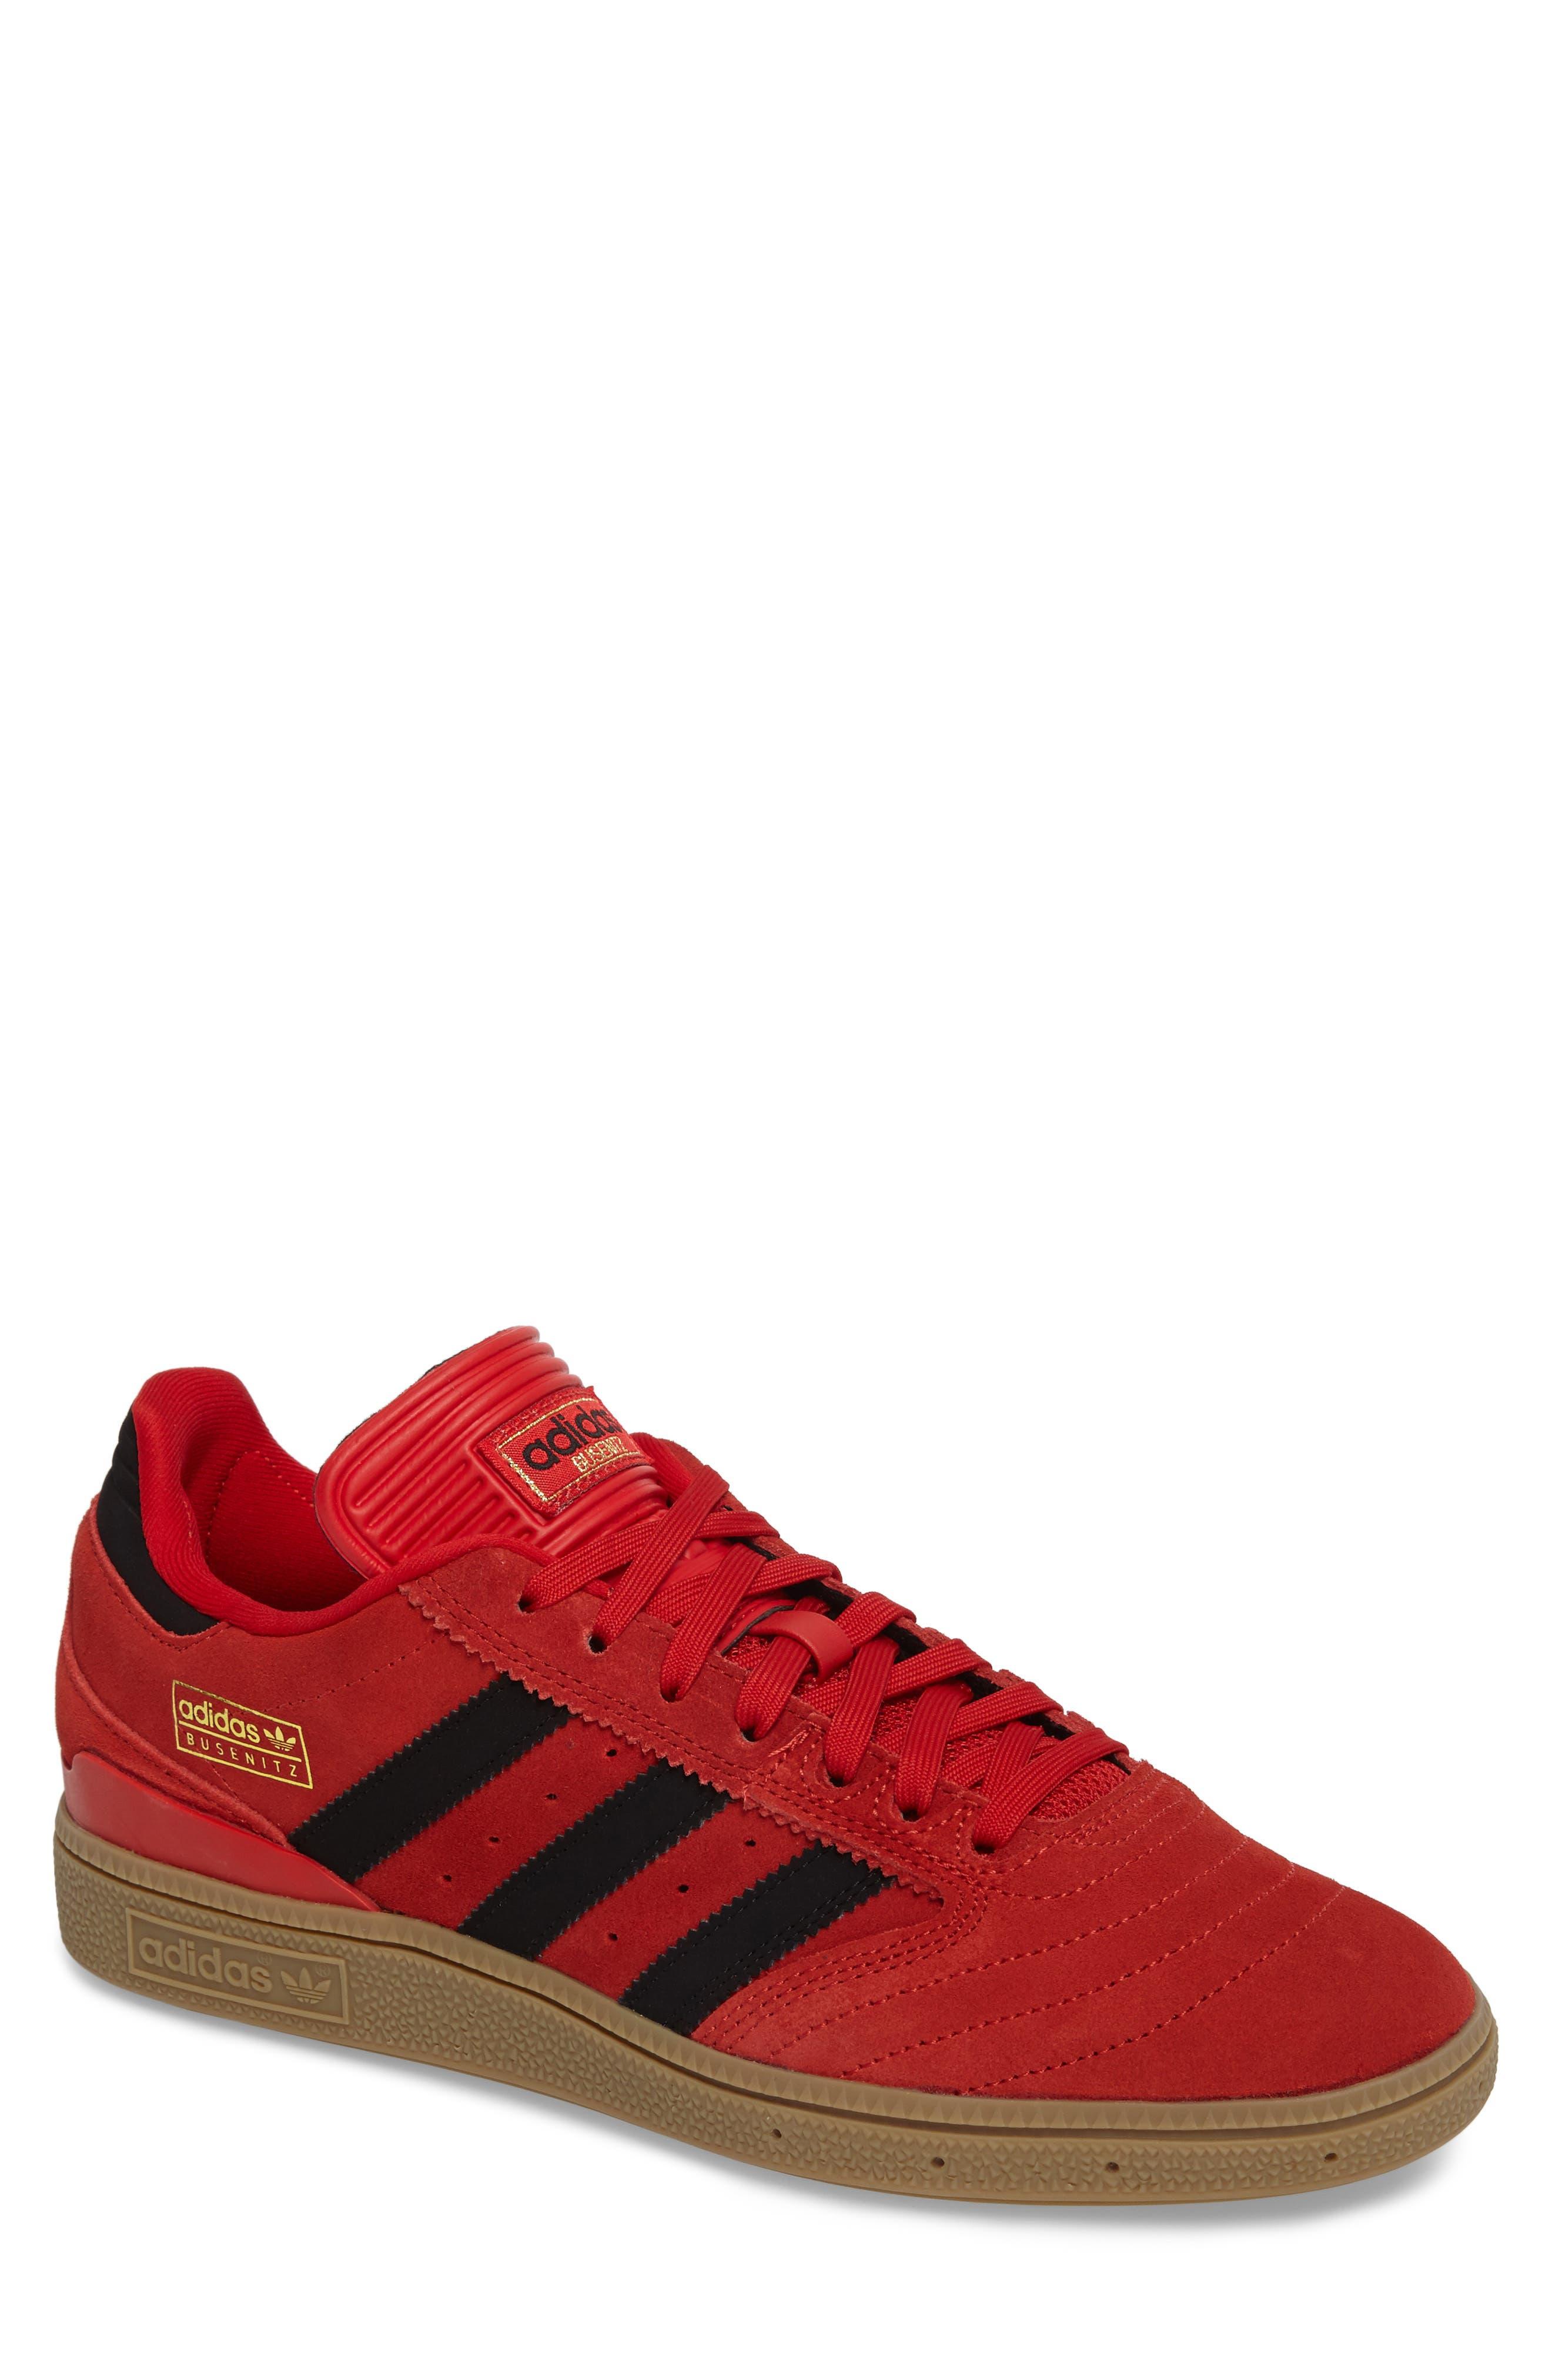 Main Image - adidas Busenitz Sneaker (Men)